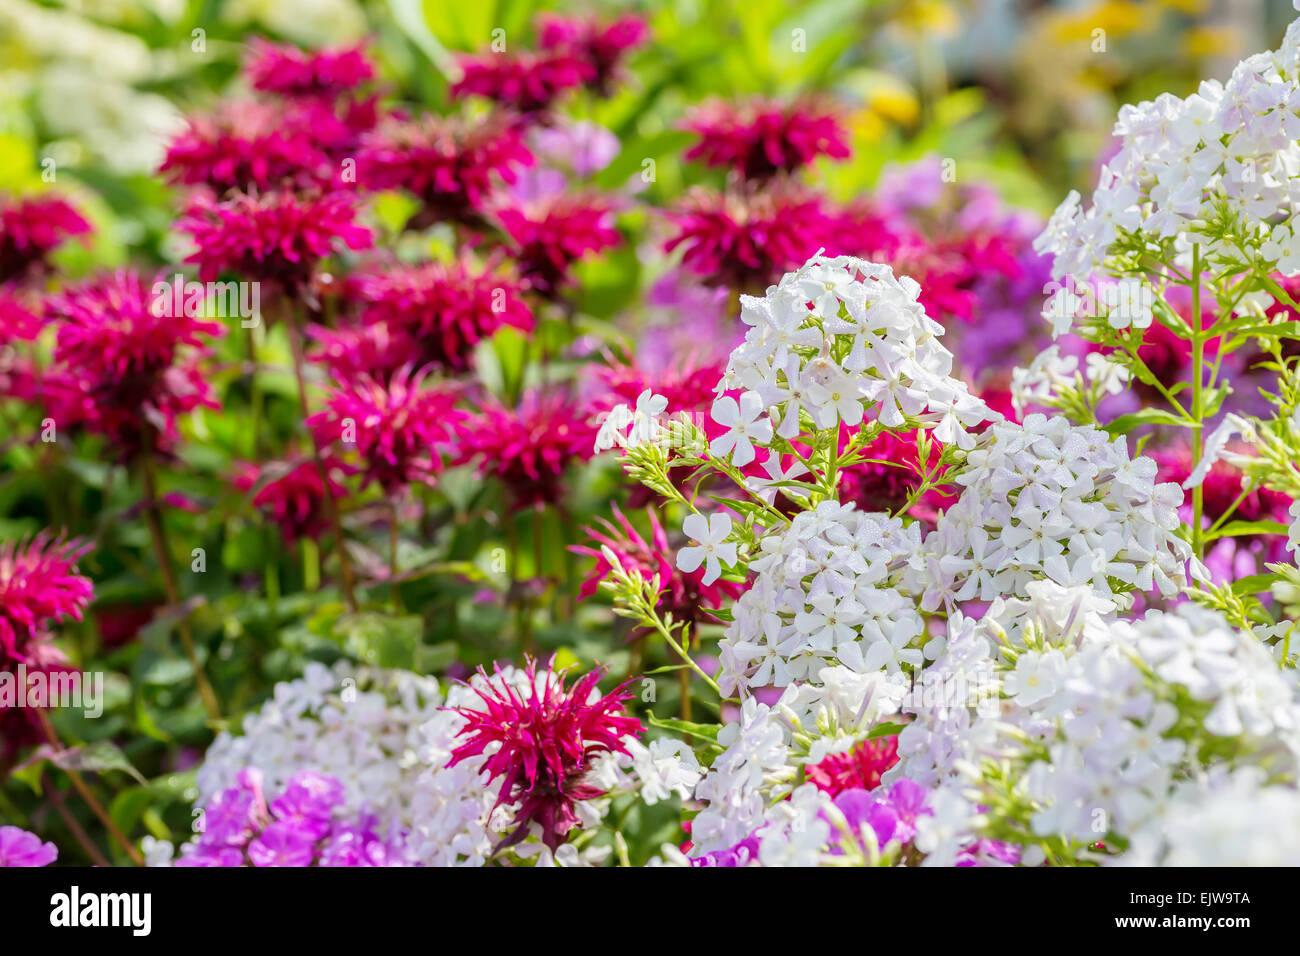 White garden phlox and bee balm in the summer garden. - Stock Image